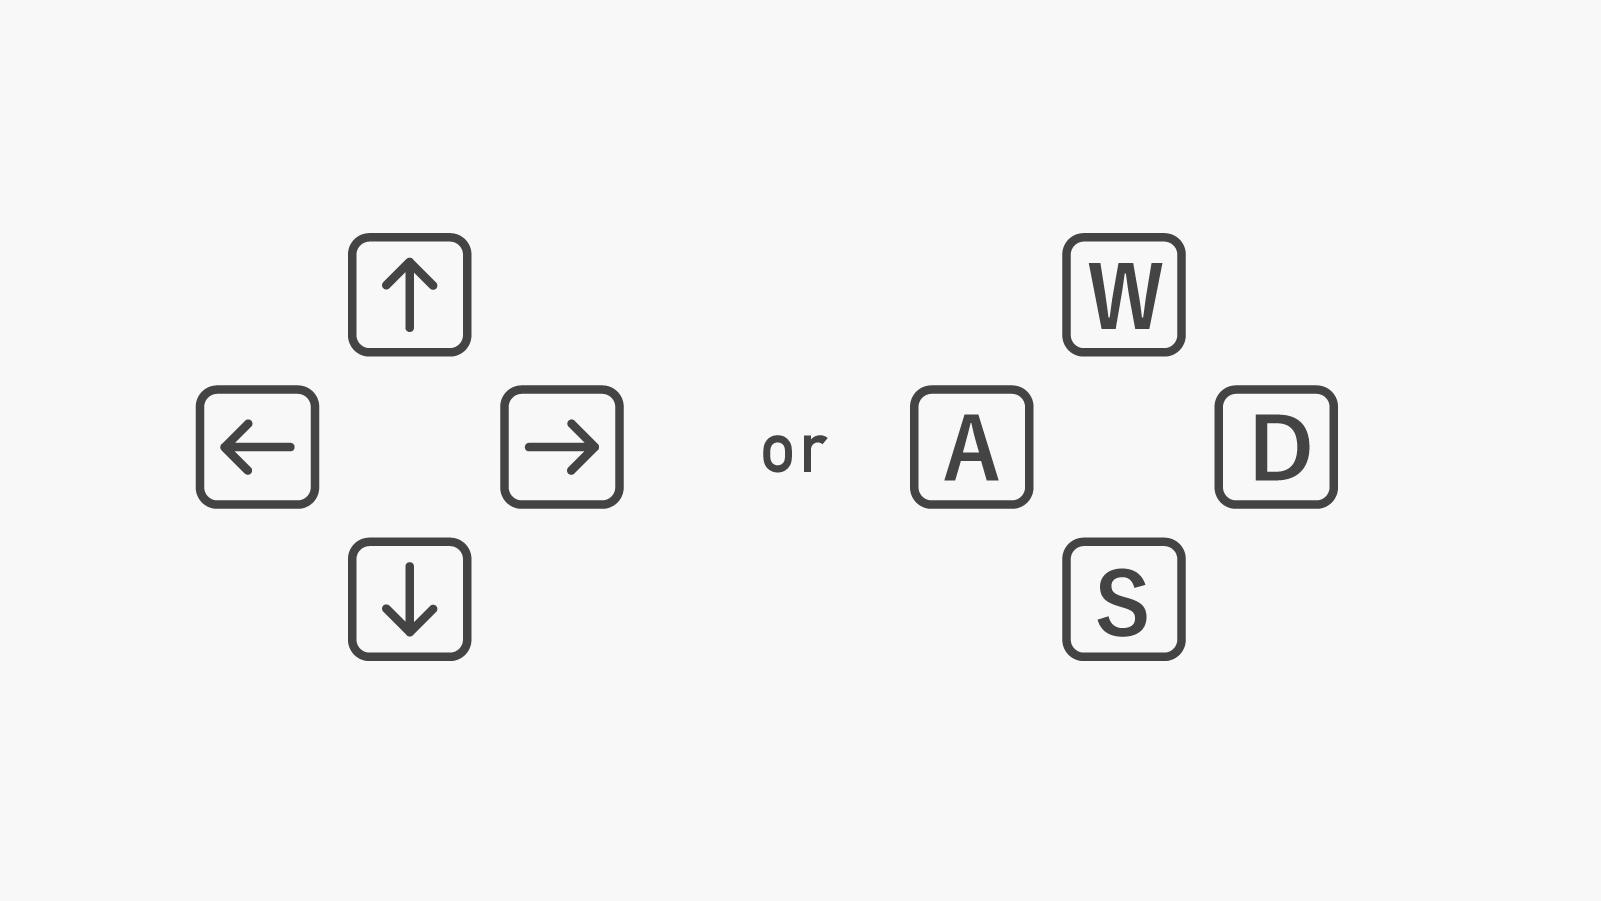 カーソルキー上下右左、もしくはWキー:前方、Sキー:後方、Dキー:右、Aキー:左